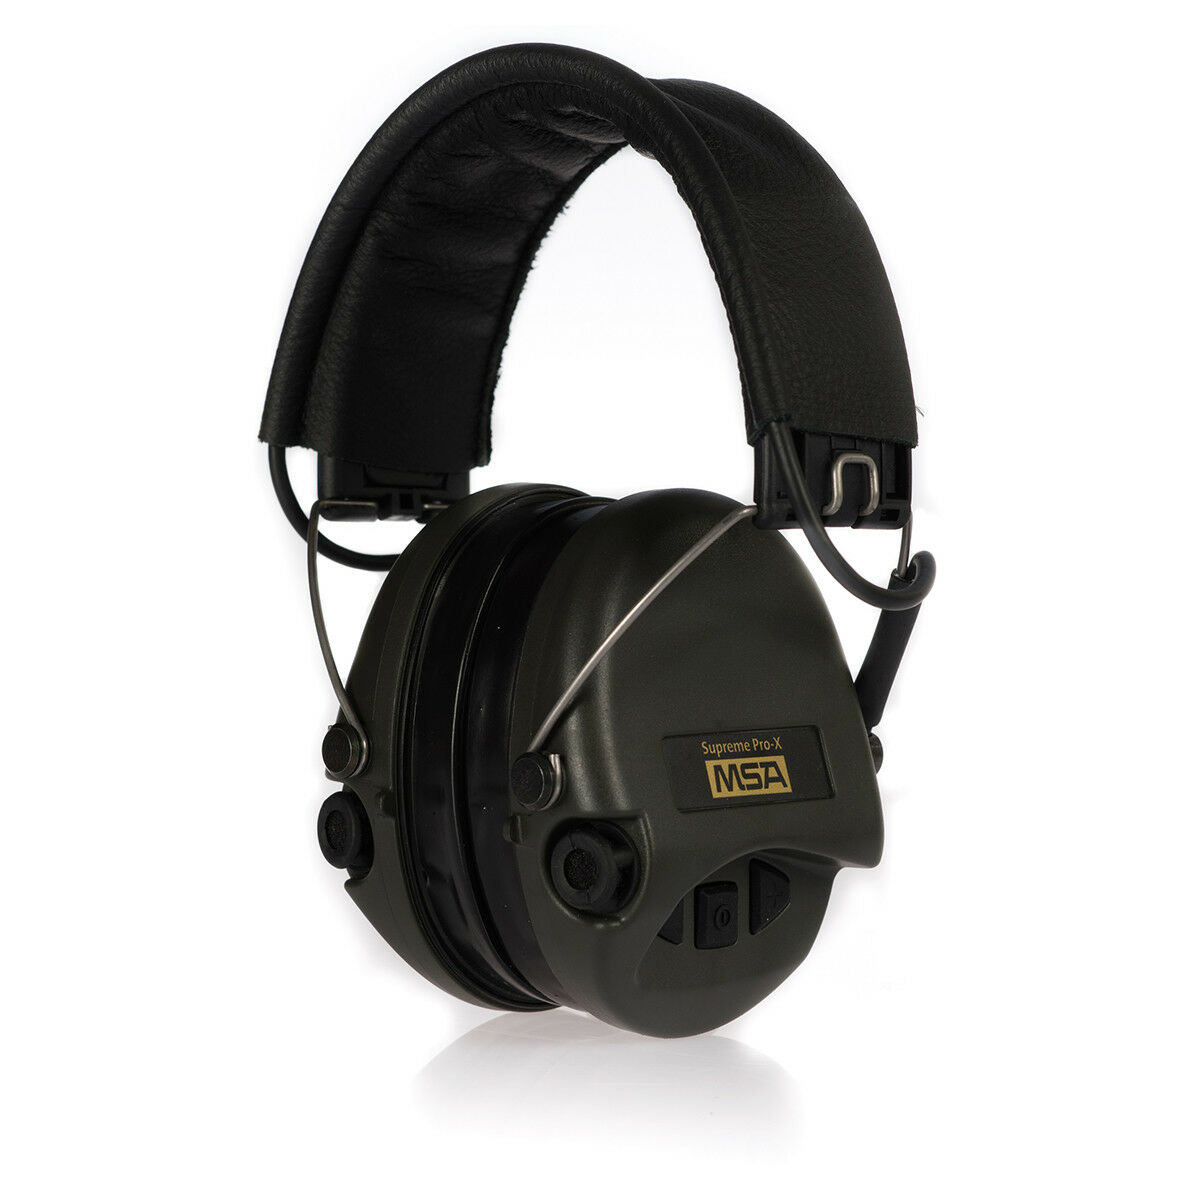 De seguridad MSA Sordin Supreme Pro X projoección para los oídos con AUX entrada, De Cuero +